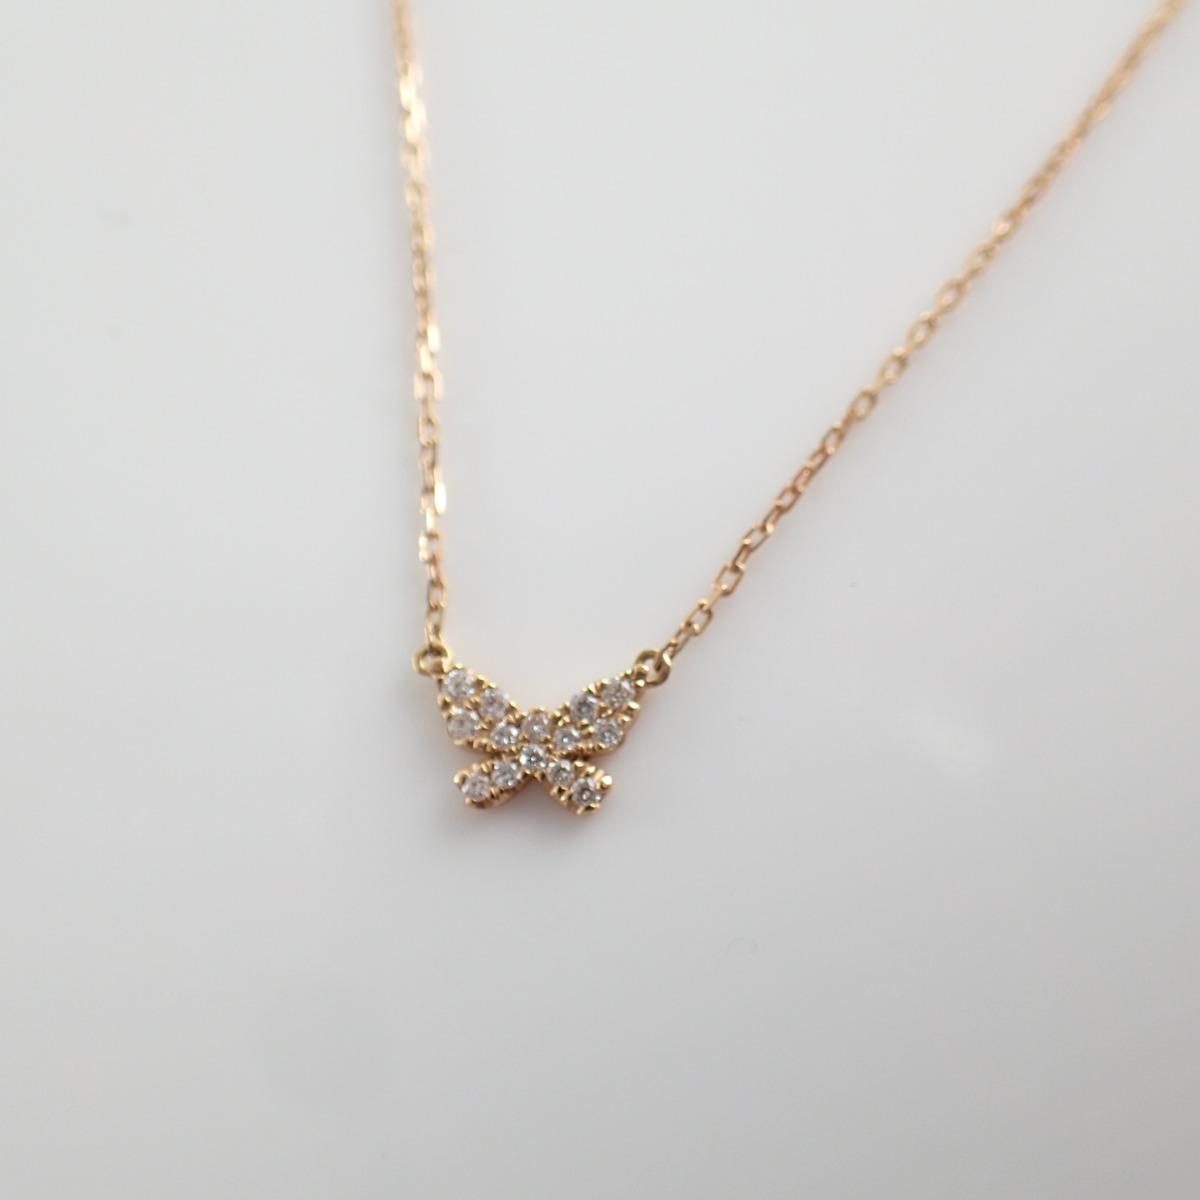 AHKAH アーカー VC0163010100 バタフライパヴェ ダイヤモンド ネックレス 0 06ct K18 イエローゴールド レディースBxoerCQdW